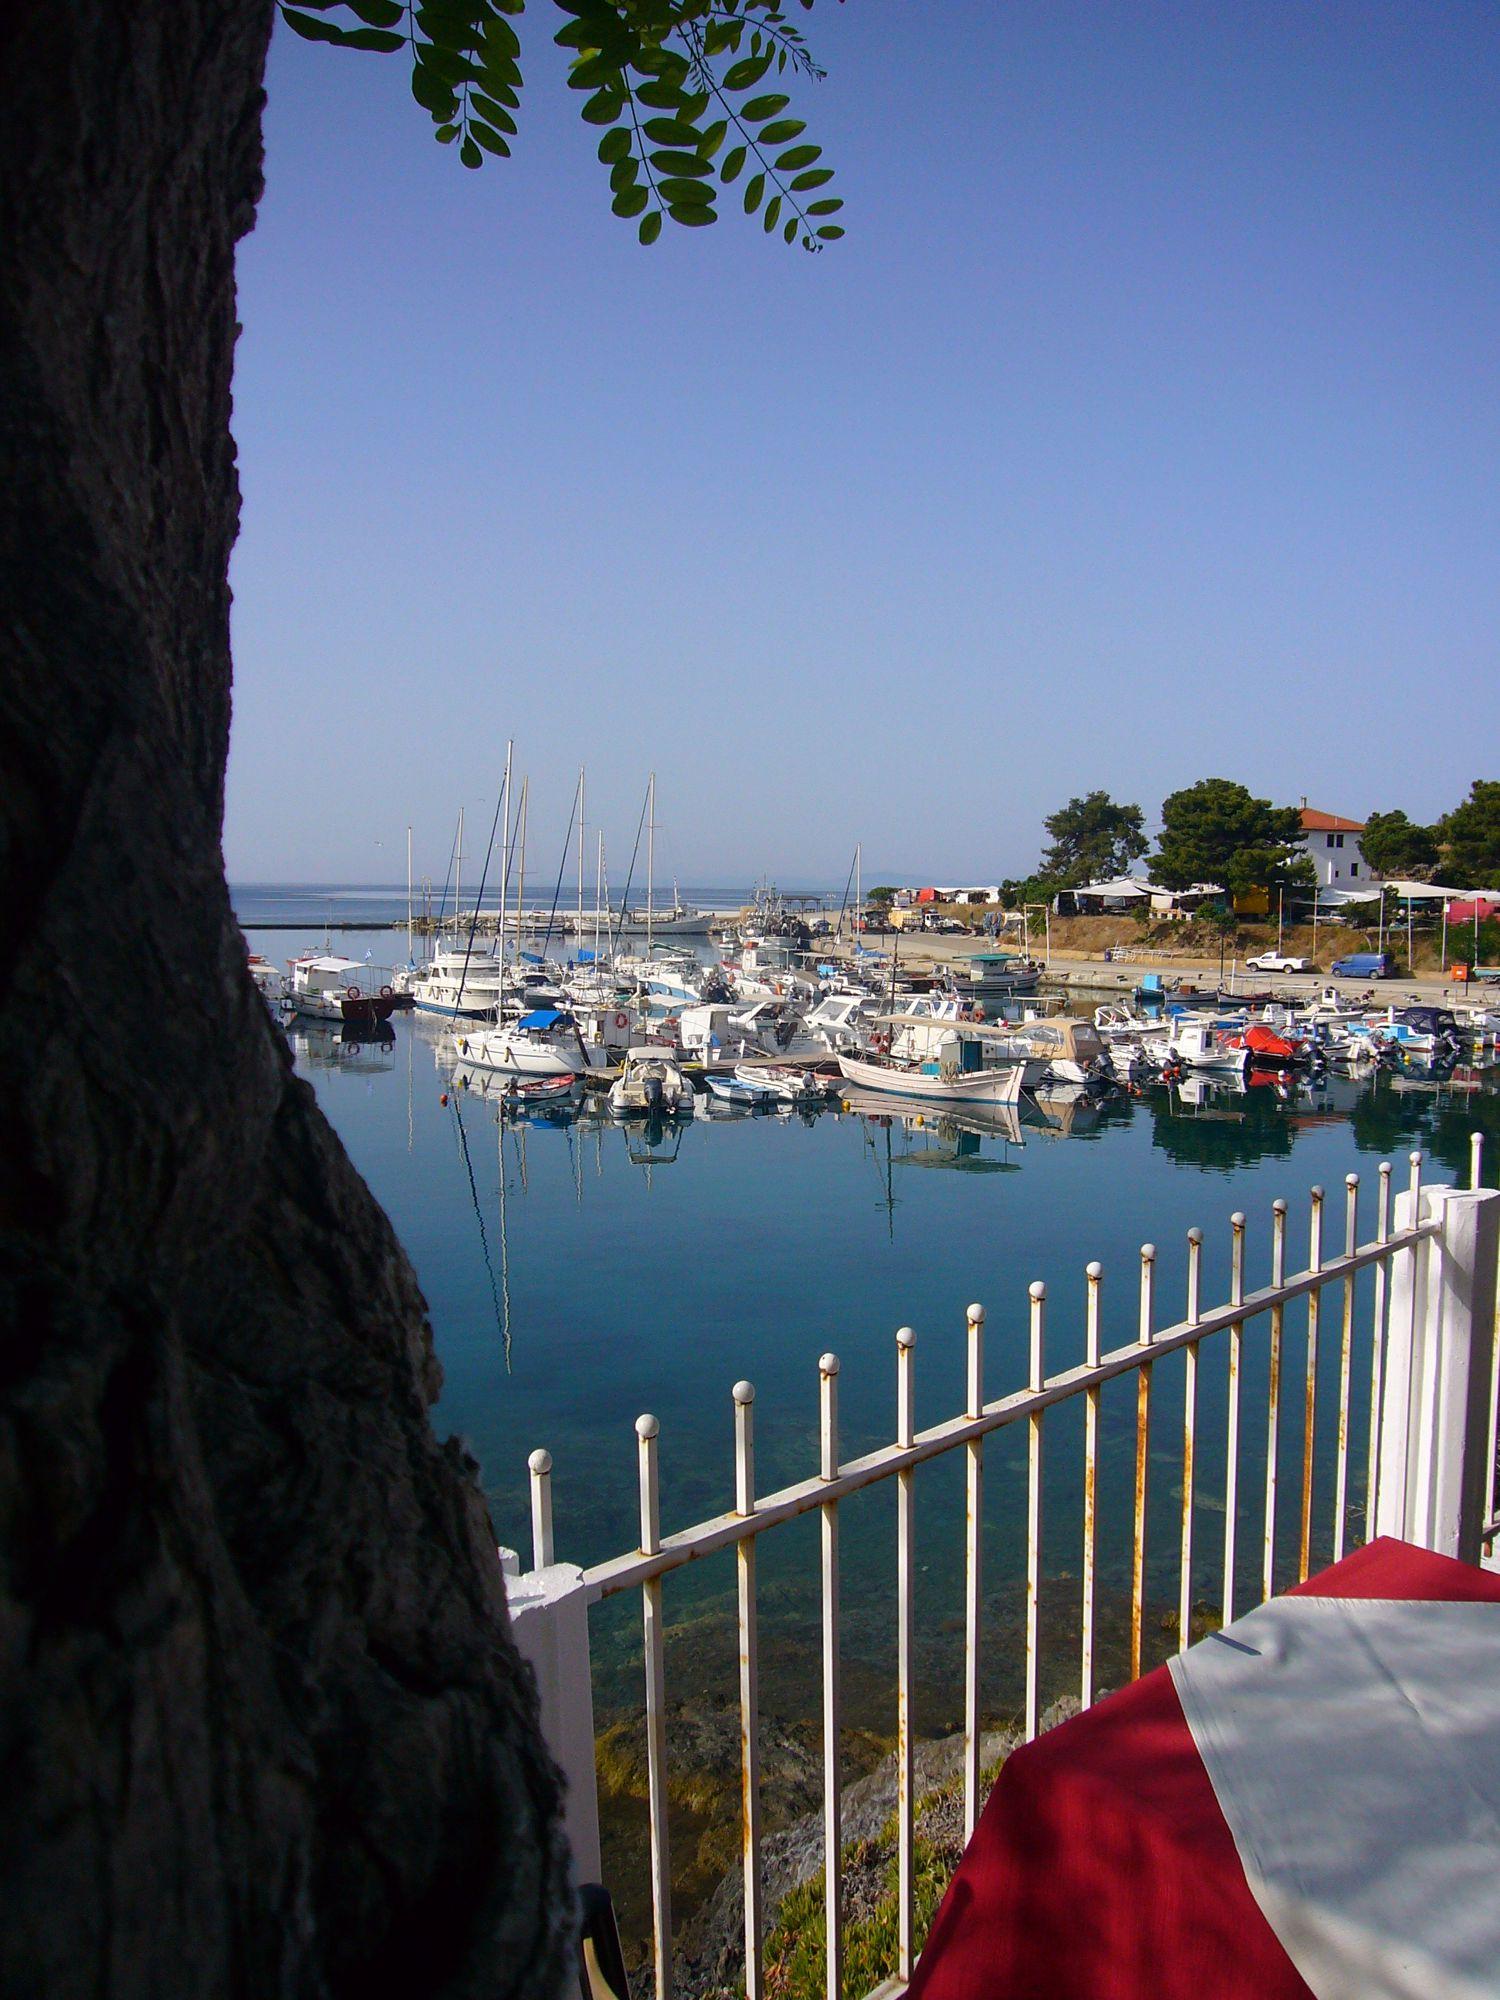 Campsites in Greece – I Love This Campsite